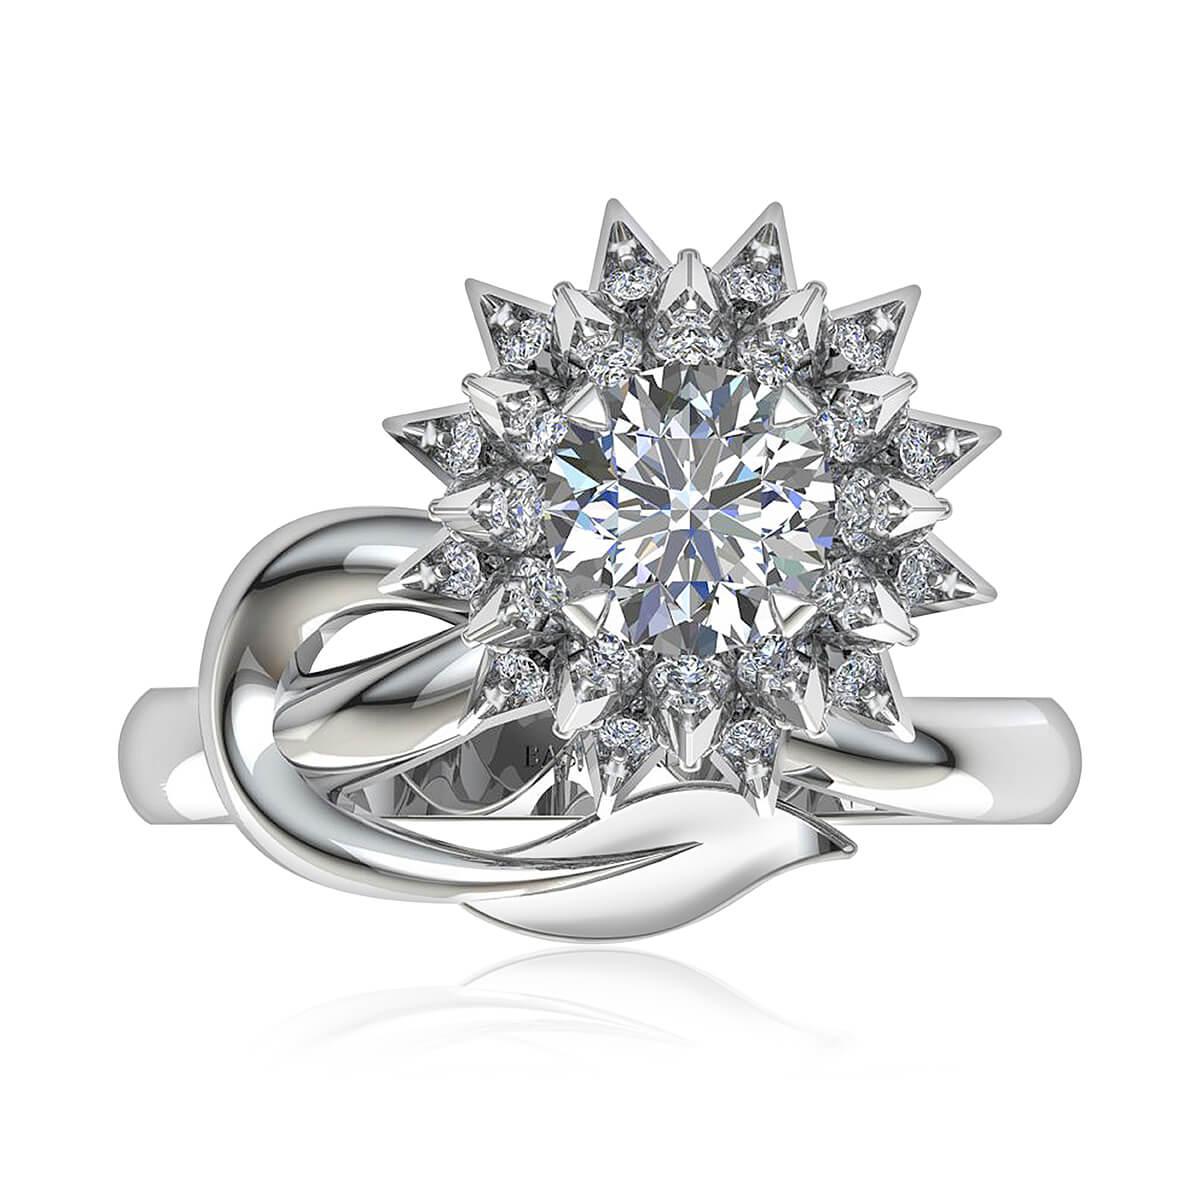 The Dahlia Diamond Ring